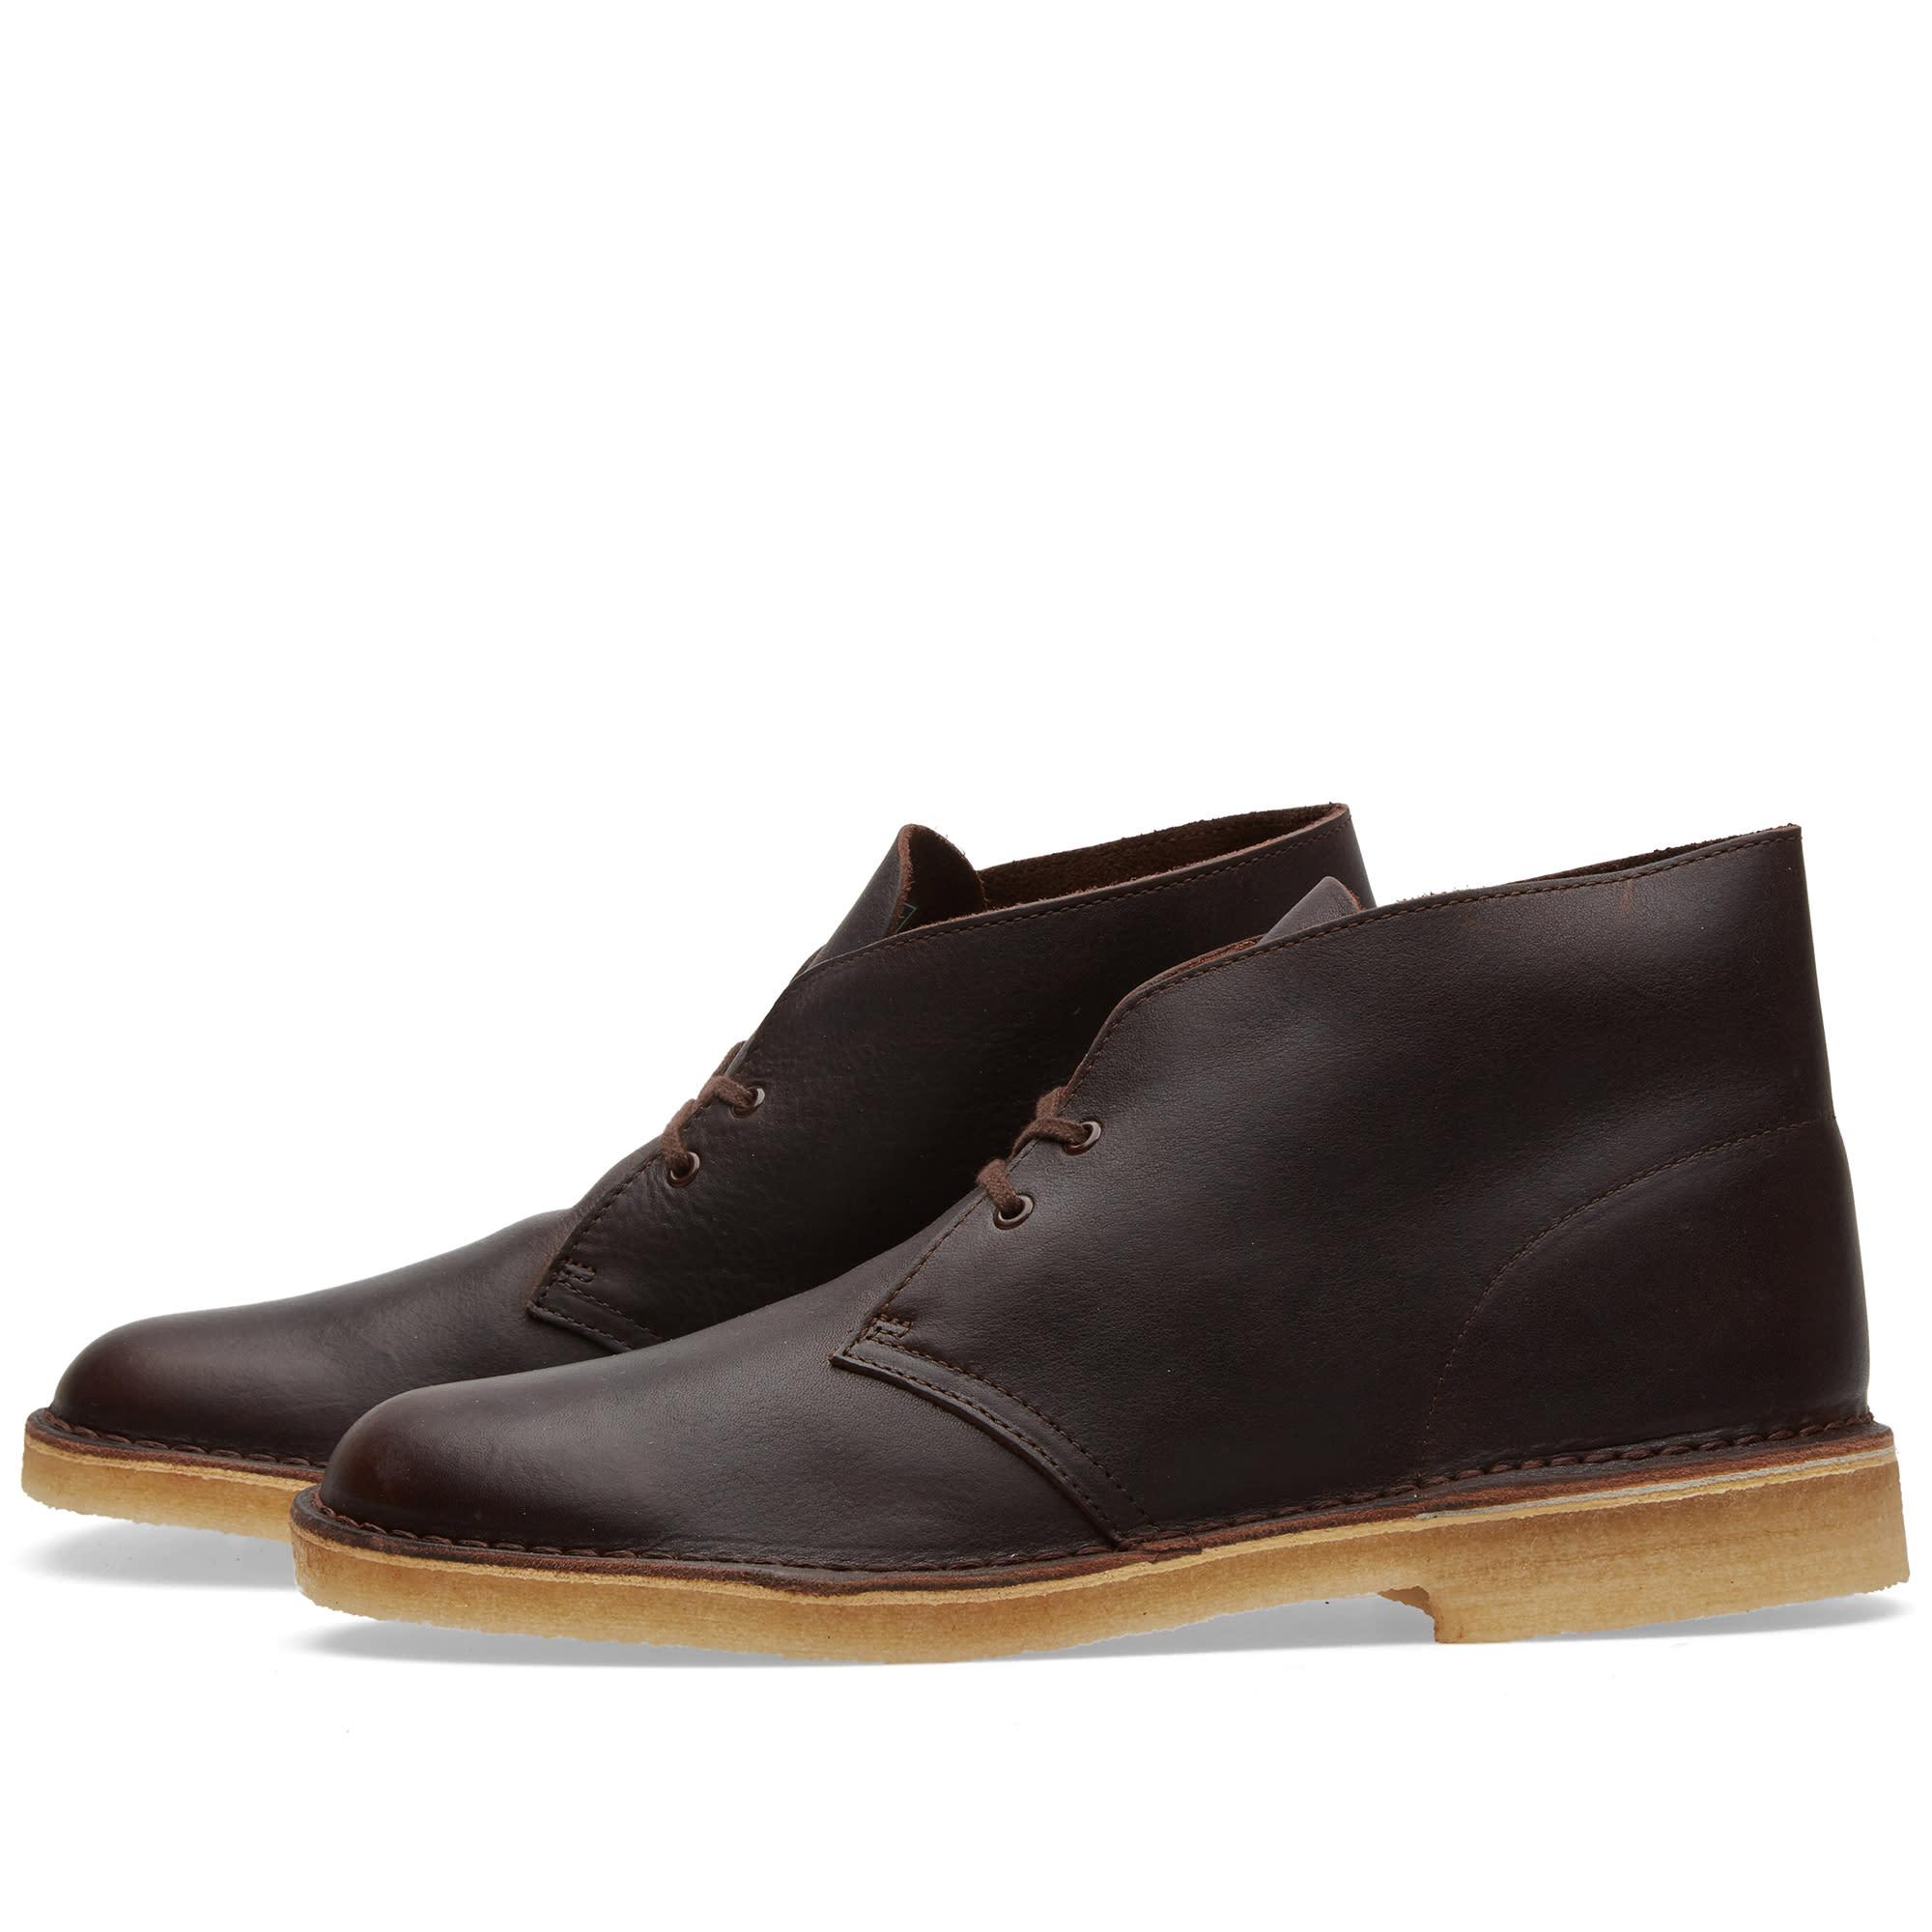 2198a7782ee Clarks Originals Desert Boot